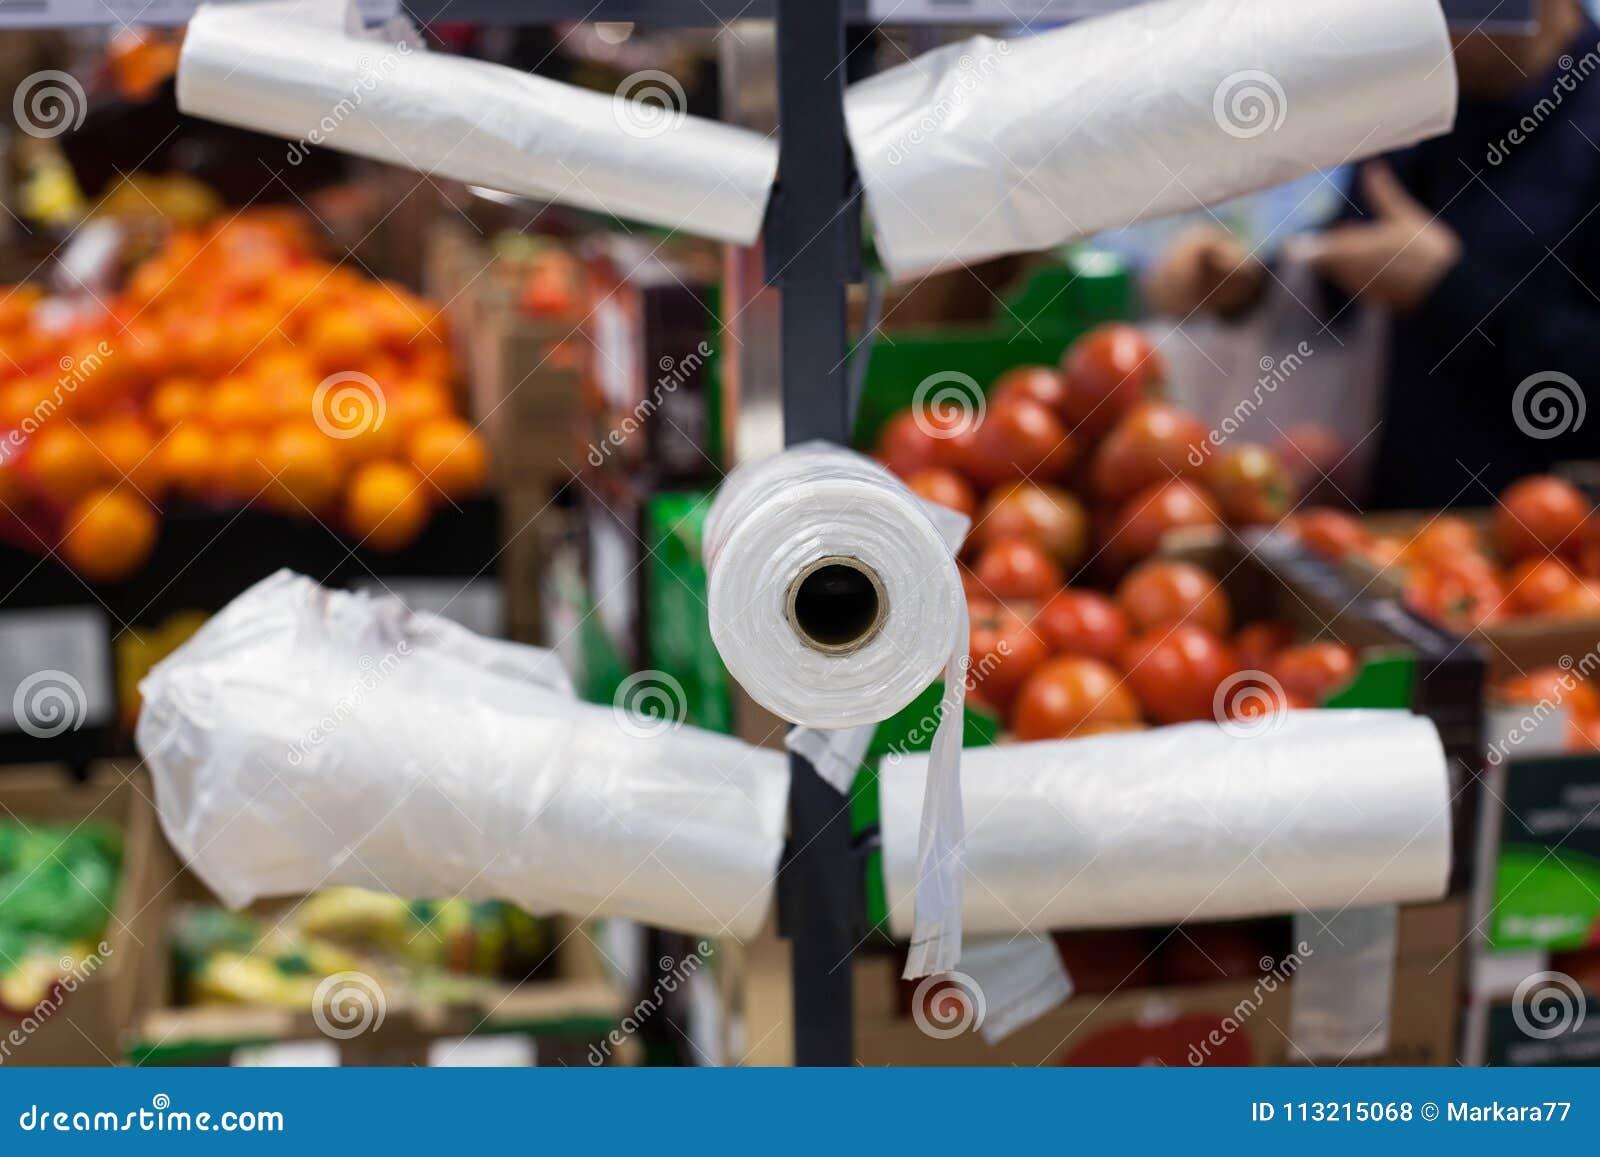 Sacos de plástico em um supermercado